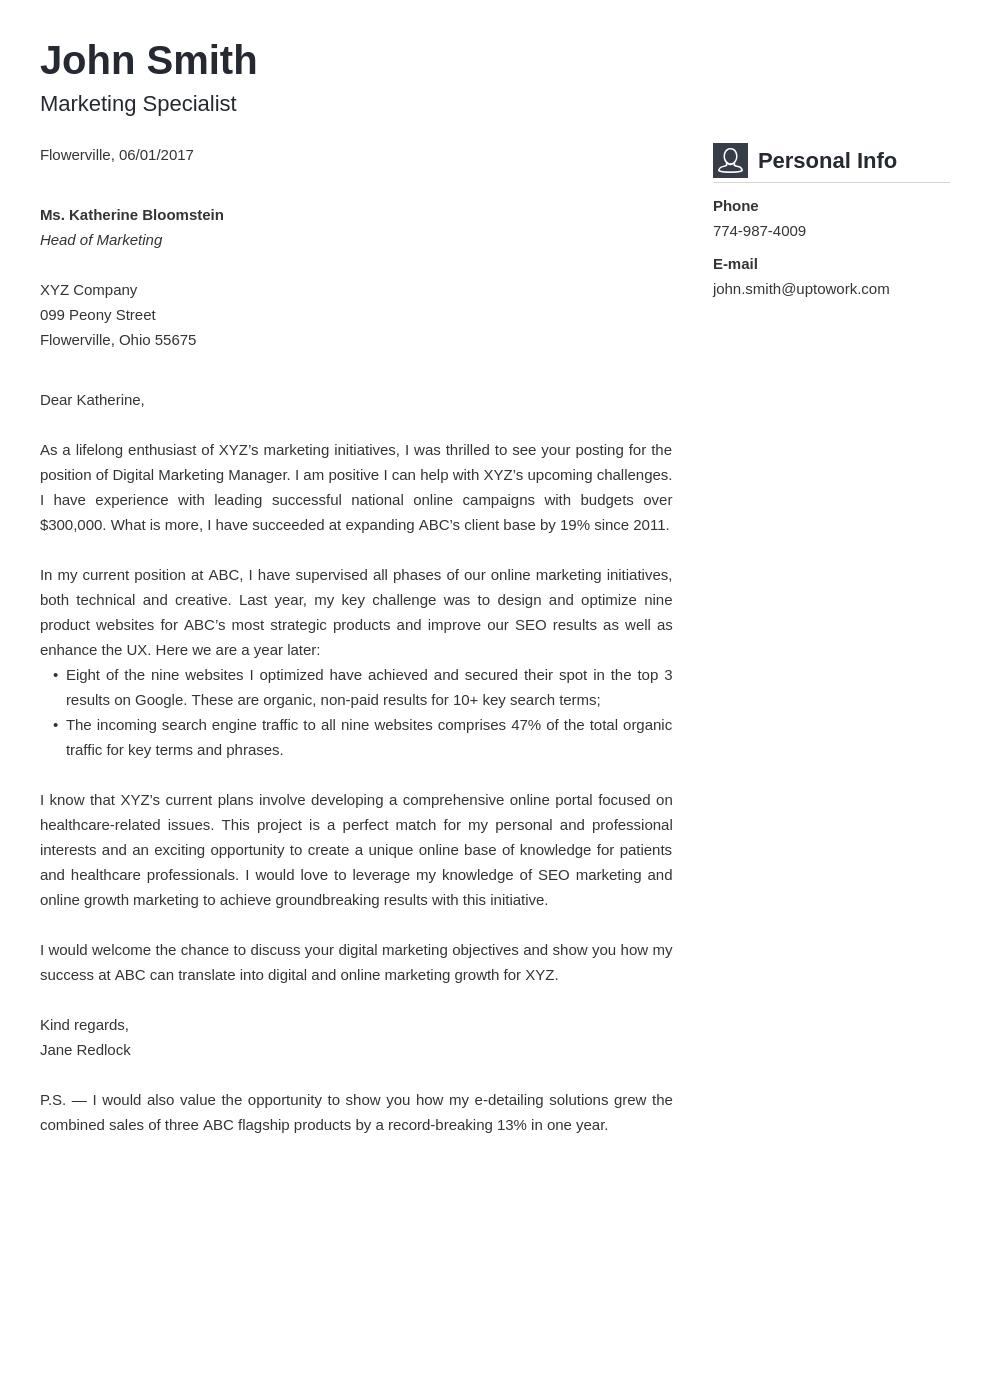 Modèle de lettre de motivation professionnel Vibes